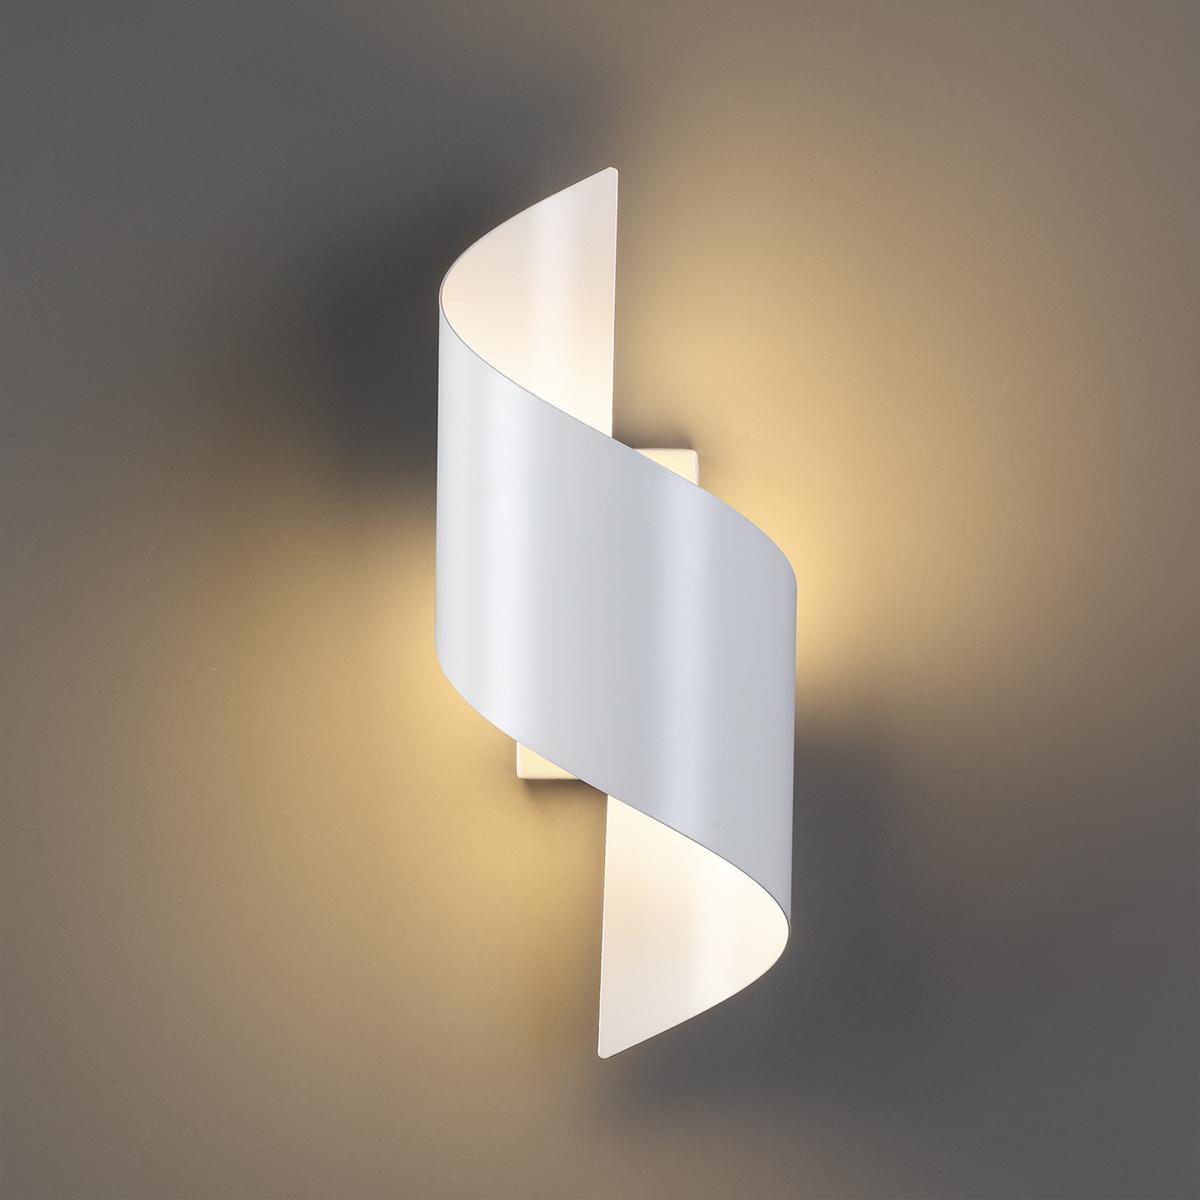 Настенный светодиодный светильник Odeon Light Boccolo 3543/5LW 3000K (теплый), белый, металл - фото 1